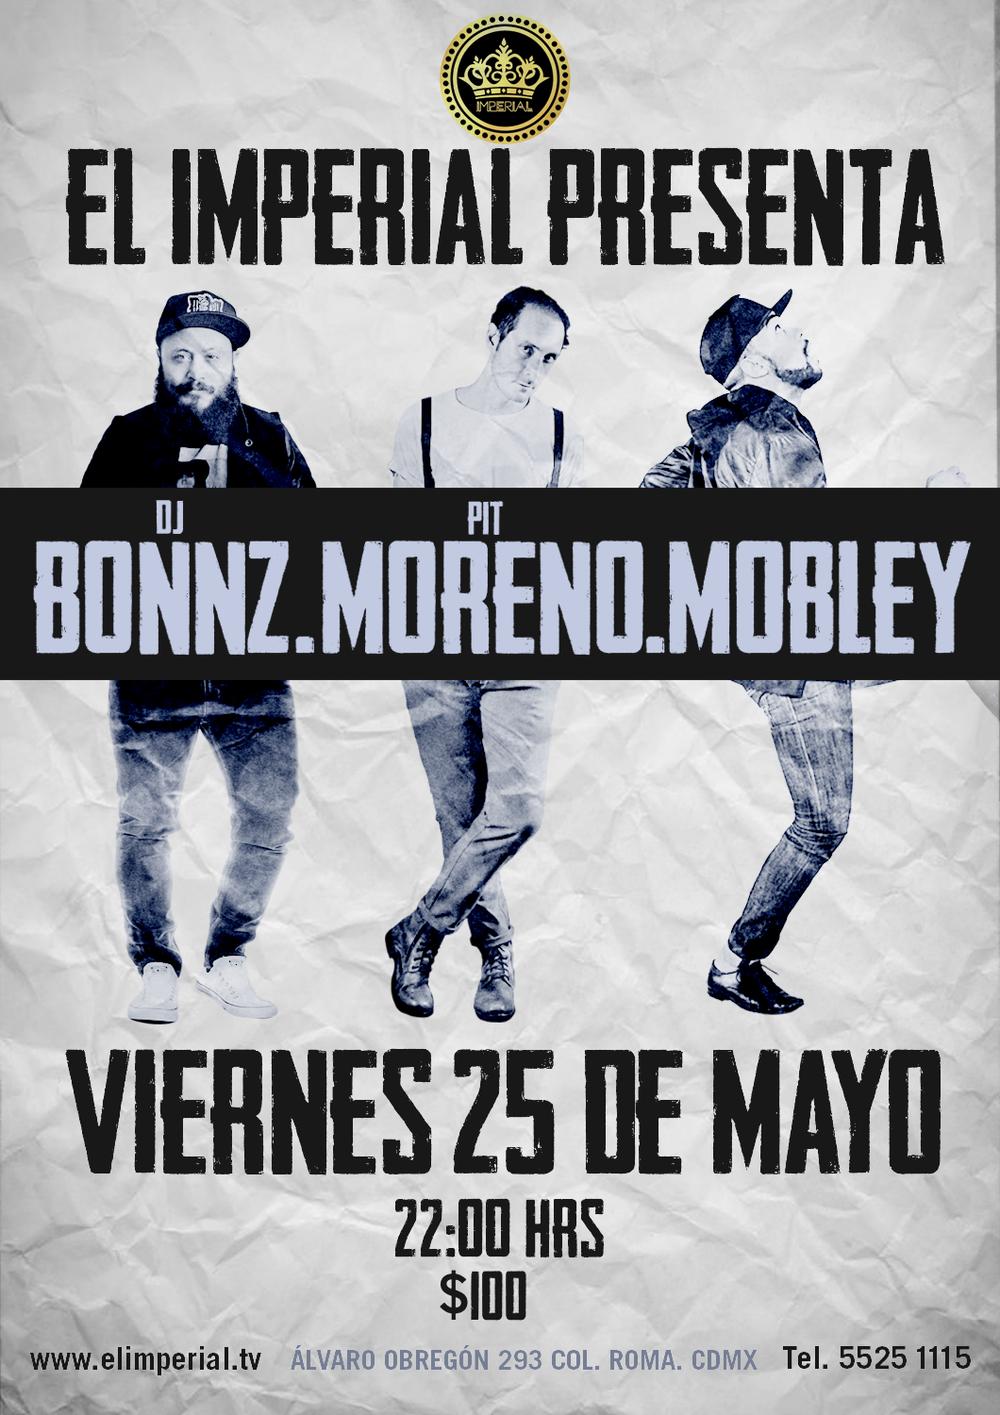 - Este 25 de mayo llega Pit Moreno a la Ciudad de México para ofrecer un concierto en el Imperial (Álvaro Obregón 293, Col. Roma, CDMX)a lado de Bonz DJ set, y Moble. La cita es a las 22hrs. y tendrá un costo de $100MXNPara Más Información: 55251115